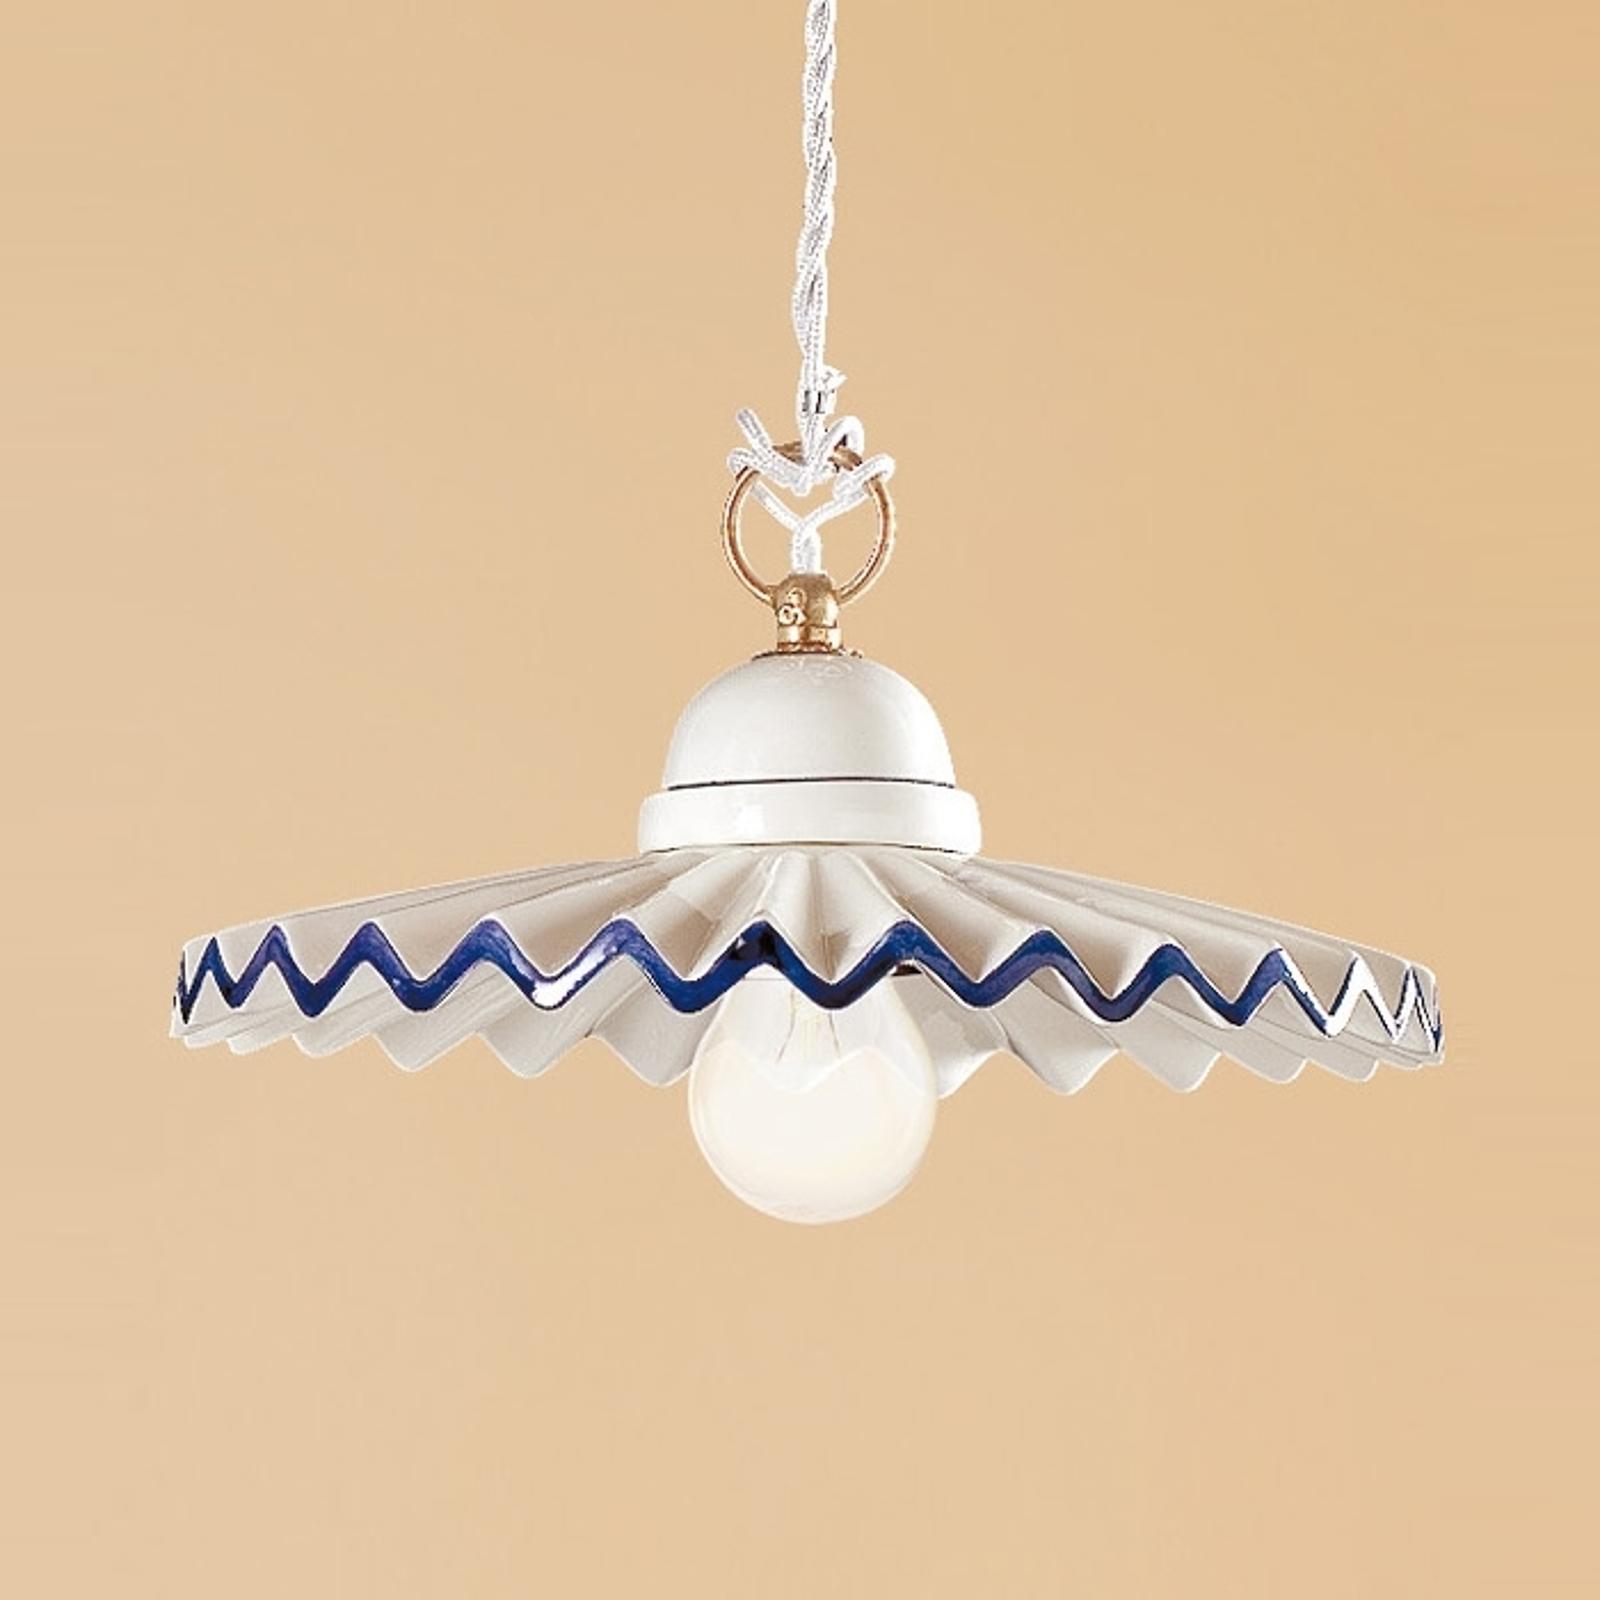 PIEGHE lampa w stylu dworkowym 28 cm